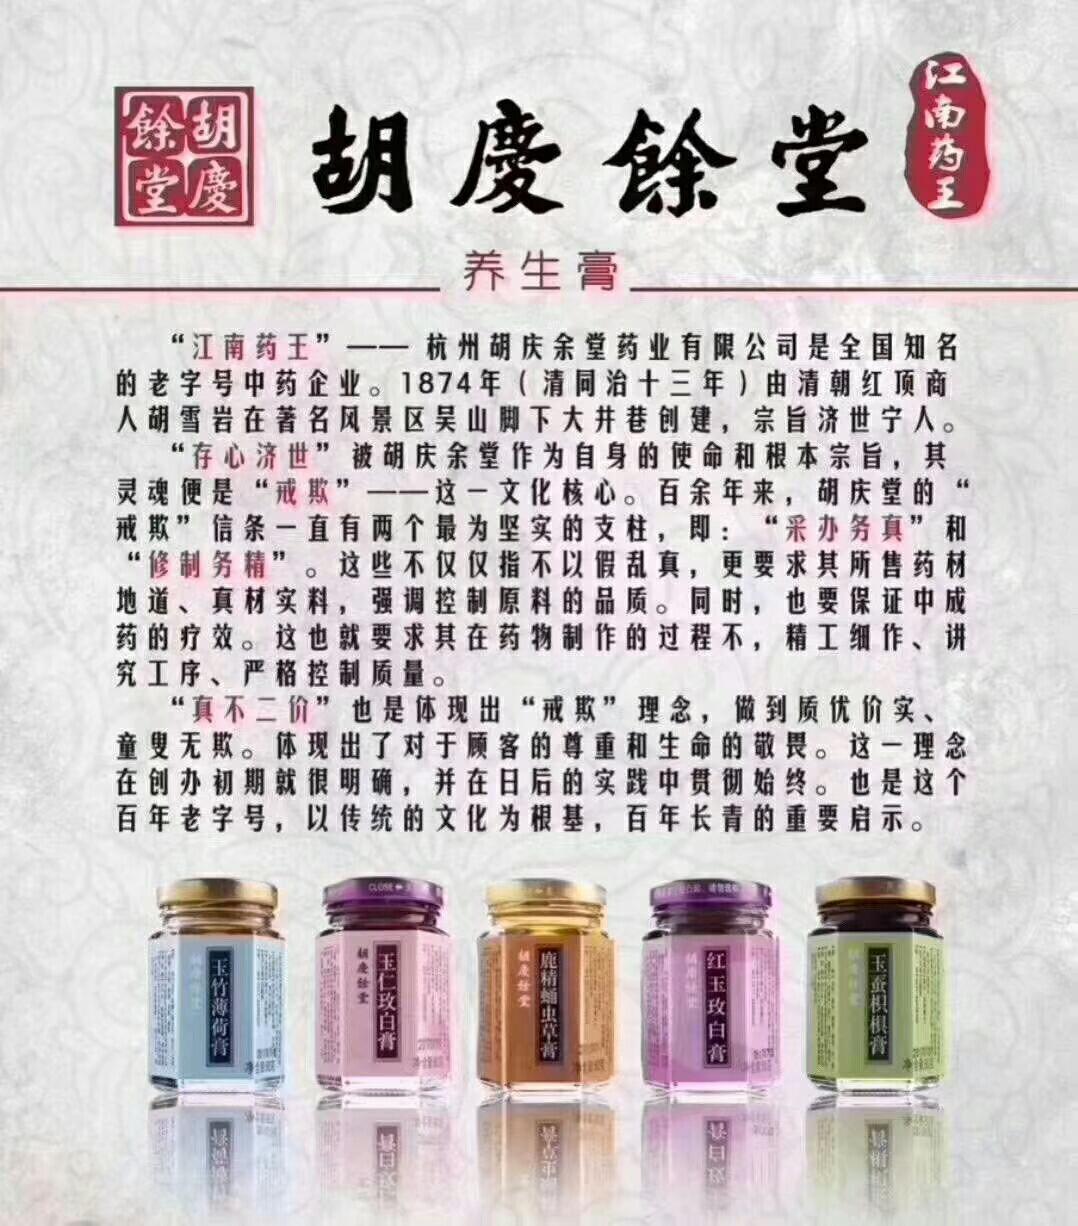 胡庆余堂玉蚕膏主要功效是护肝桑叶和桑根有什么作用?吃膏还有什么作用?